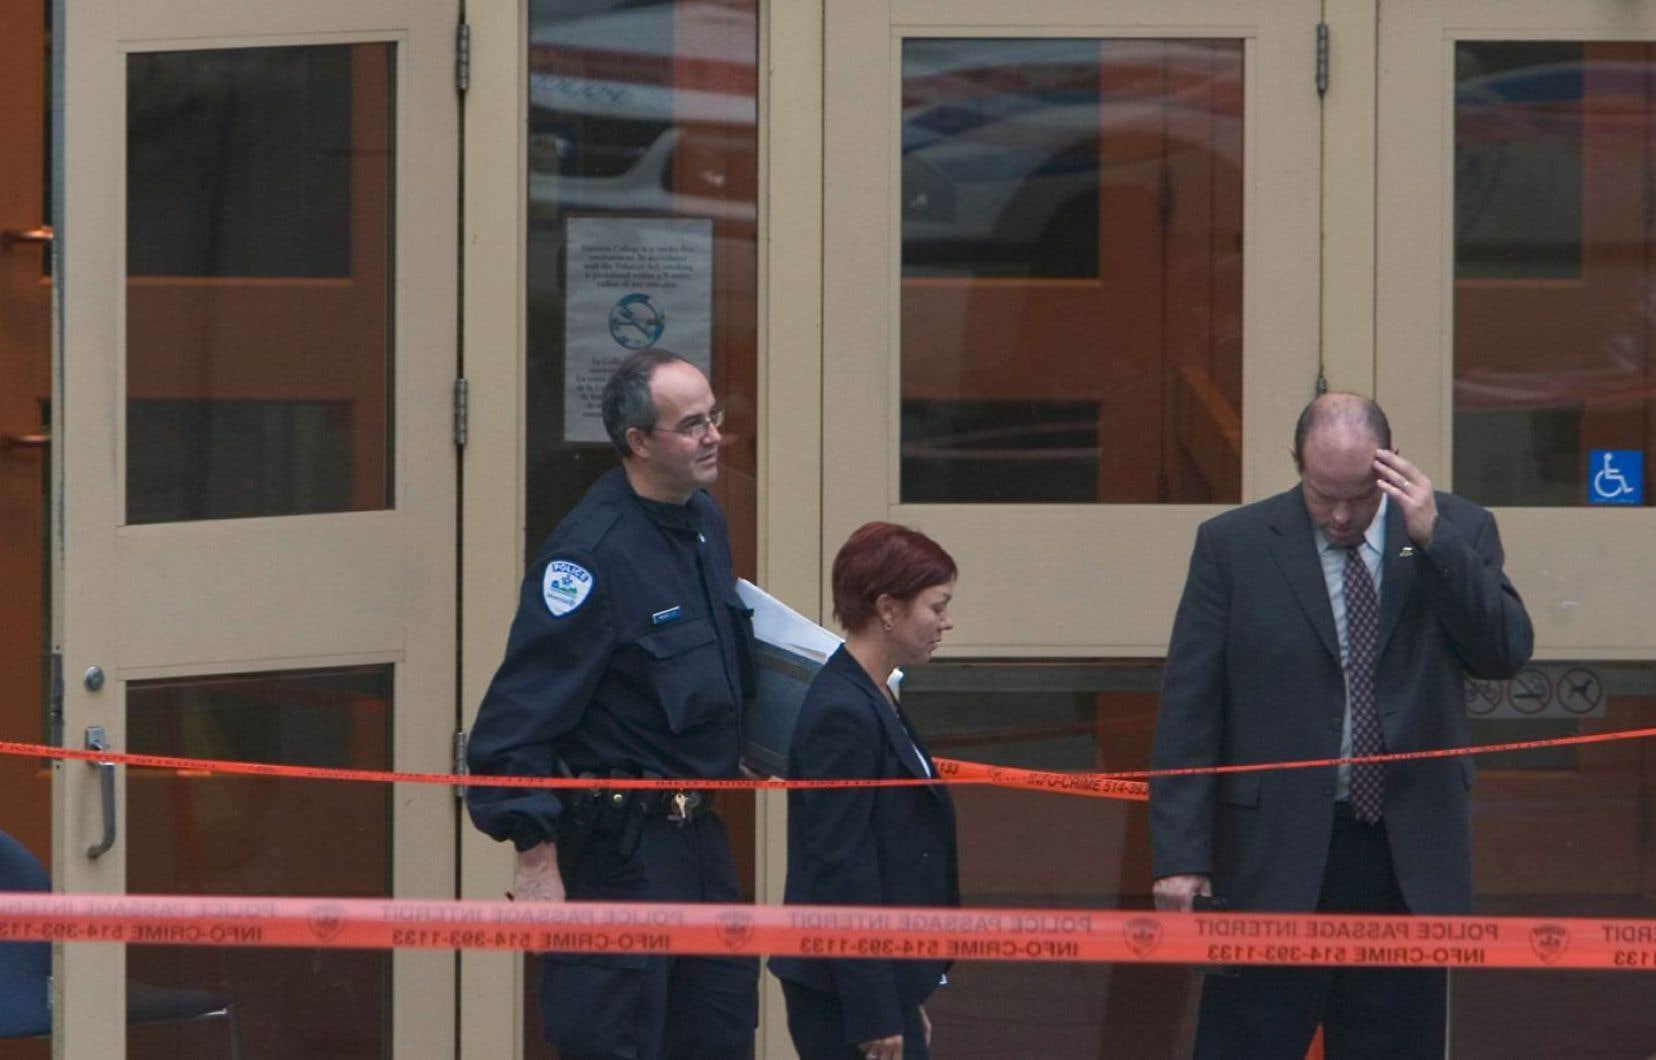 Kimveer Gill a abattu une jeune femme de 18ans, Anastasia De Sousa, et blessé 16 personnes au Collège Dawson le 13septembre 2006.